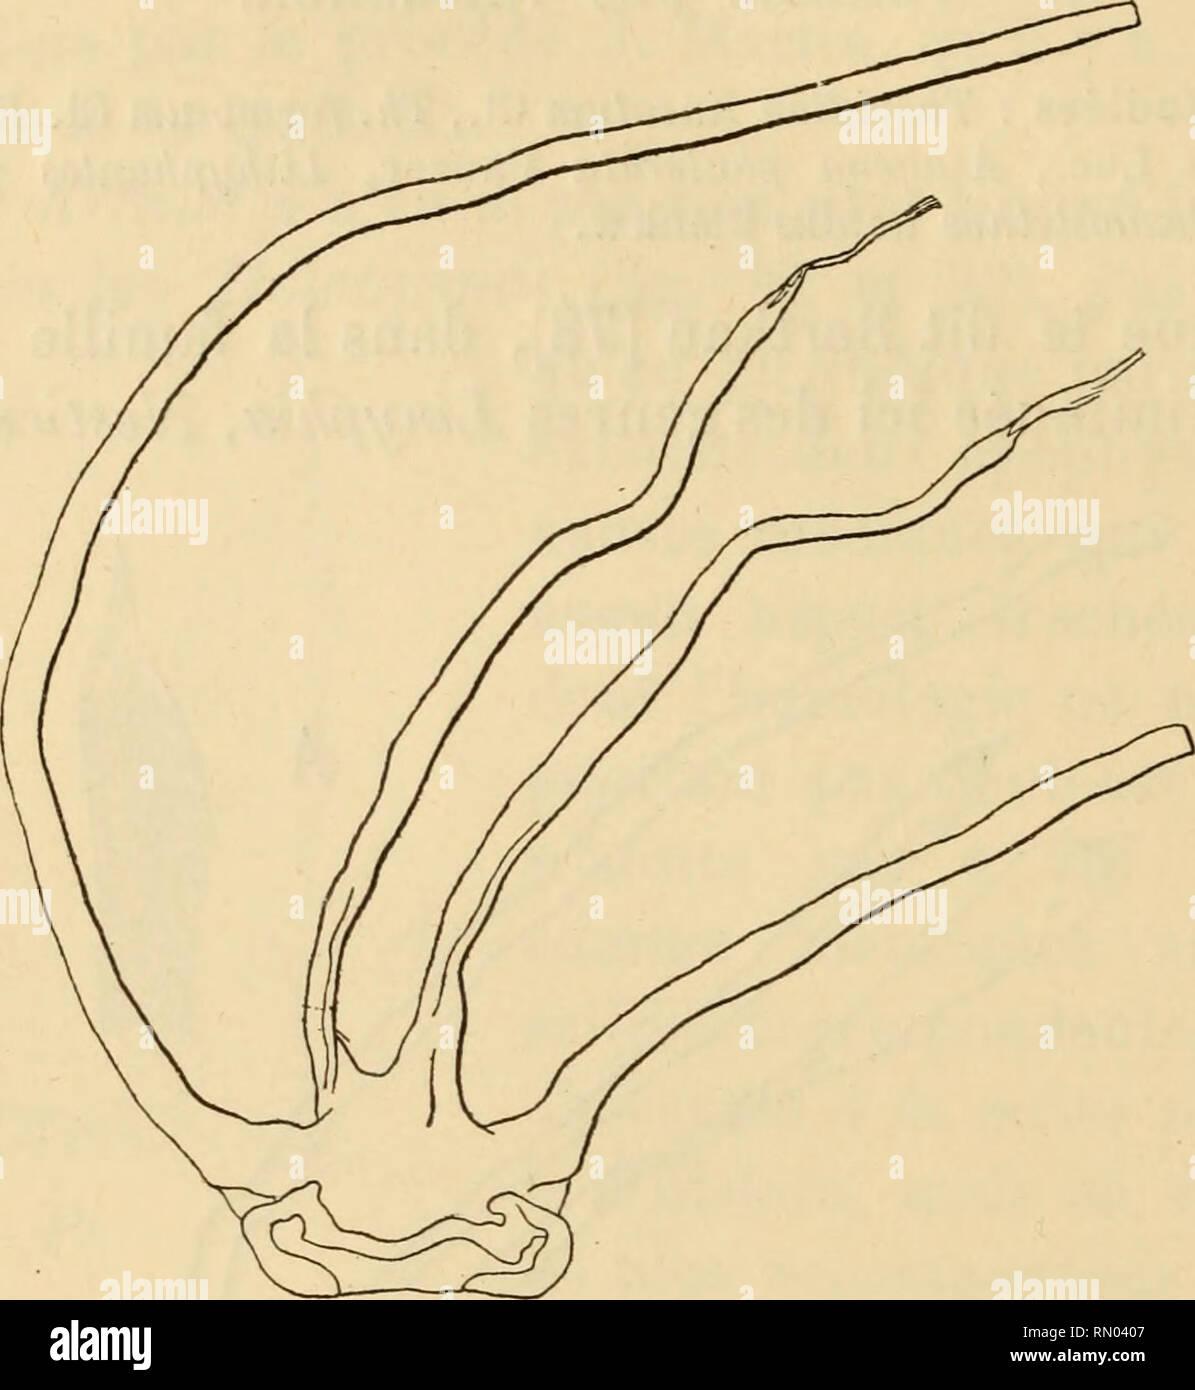 . Annales des sciences naturelles. Zoology; Biology. 194 ED. LAMY. d'un tronc médian et deux longs tubes externes grêles. Comme nous l'avons dit, c'est chez les Théridiides que l'action de la potasse laisse subsister de la façon la plus nette à l'extrémité des tubes internes, très élargie surtout chez les Asagena (fig. 34) et Lithypliantes, un prolongement. Fig. 35. — Enoplognatha mandibularis Luc. — Gross. 120. tendineux particulièrement grand chez les Theridion et Enoplognatha (fig. 35). Cet appareil normal des Théridiides présenterait pourtant deux exceptions. D'une part, le genrePedanostet - Stock Image